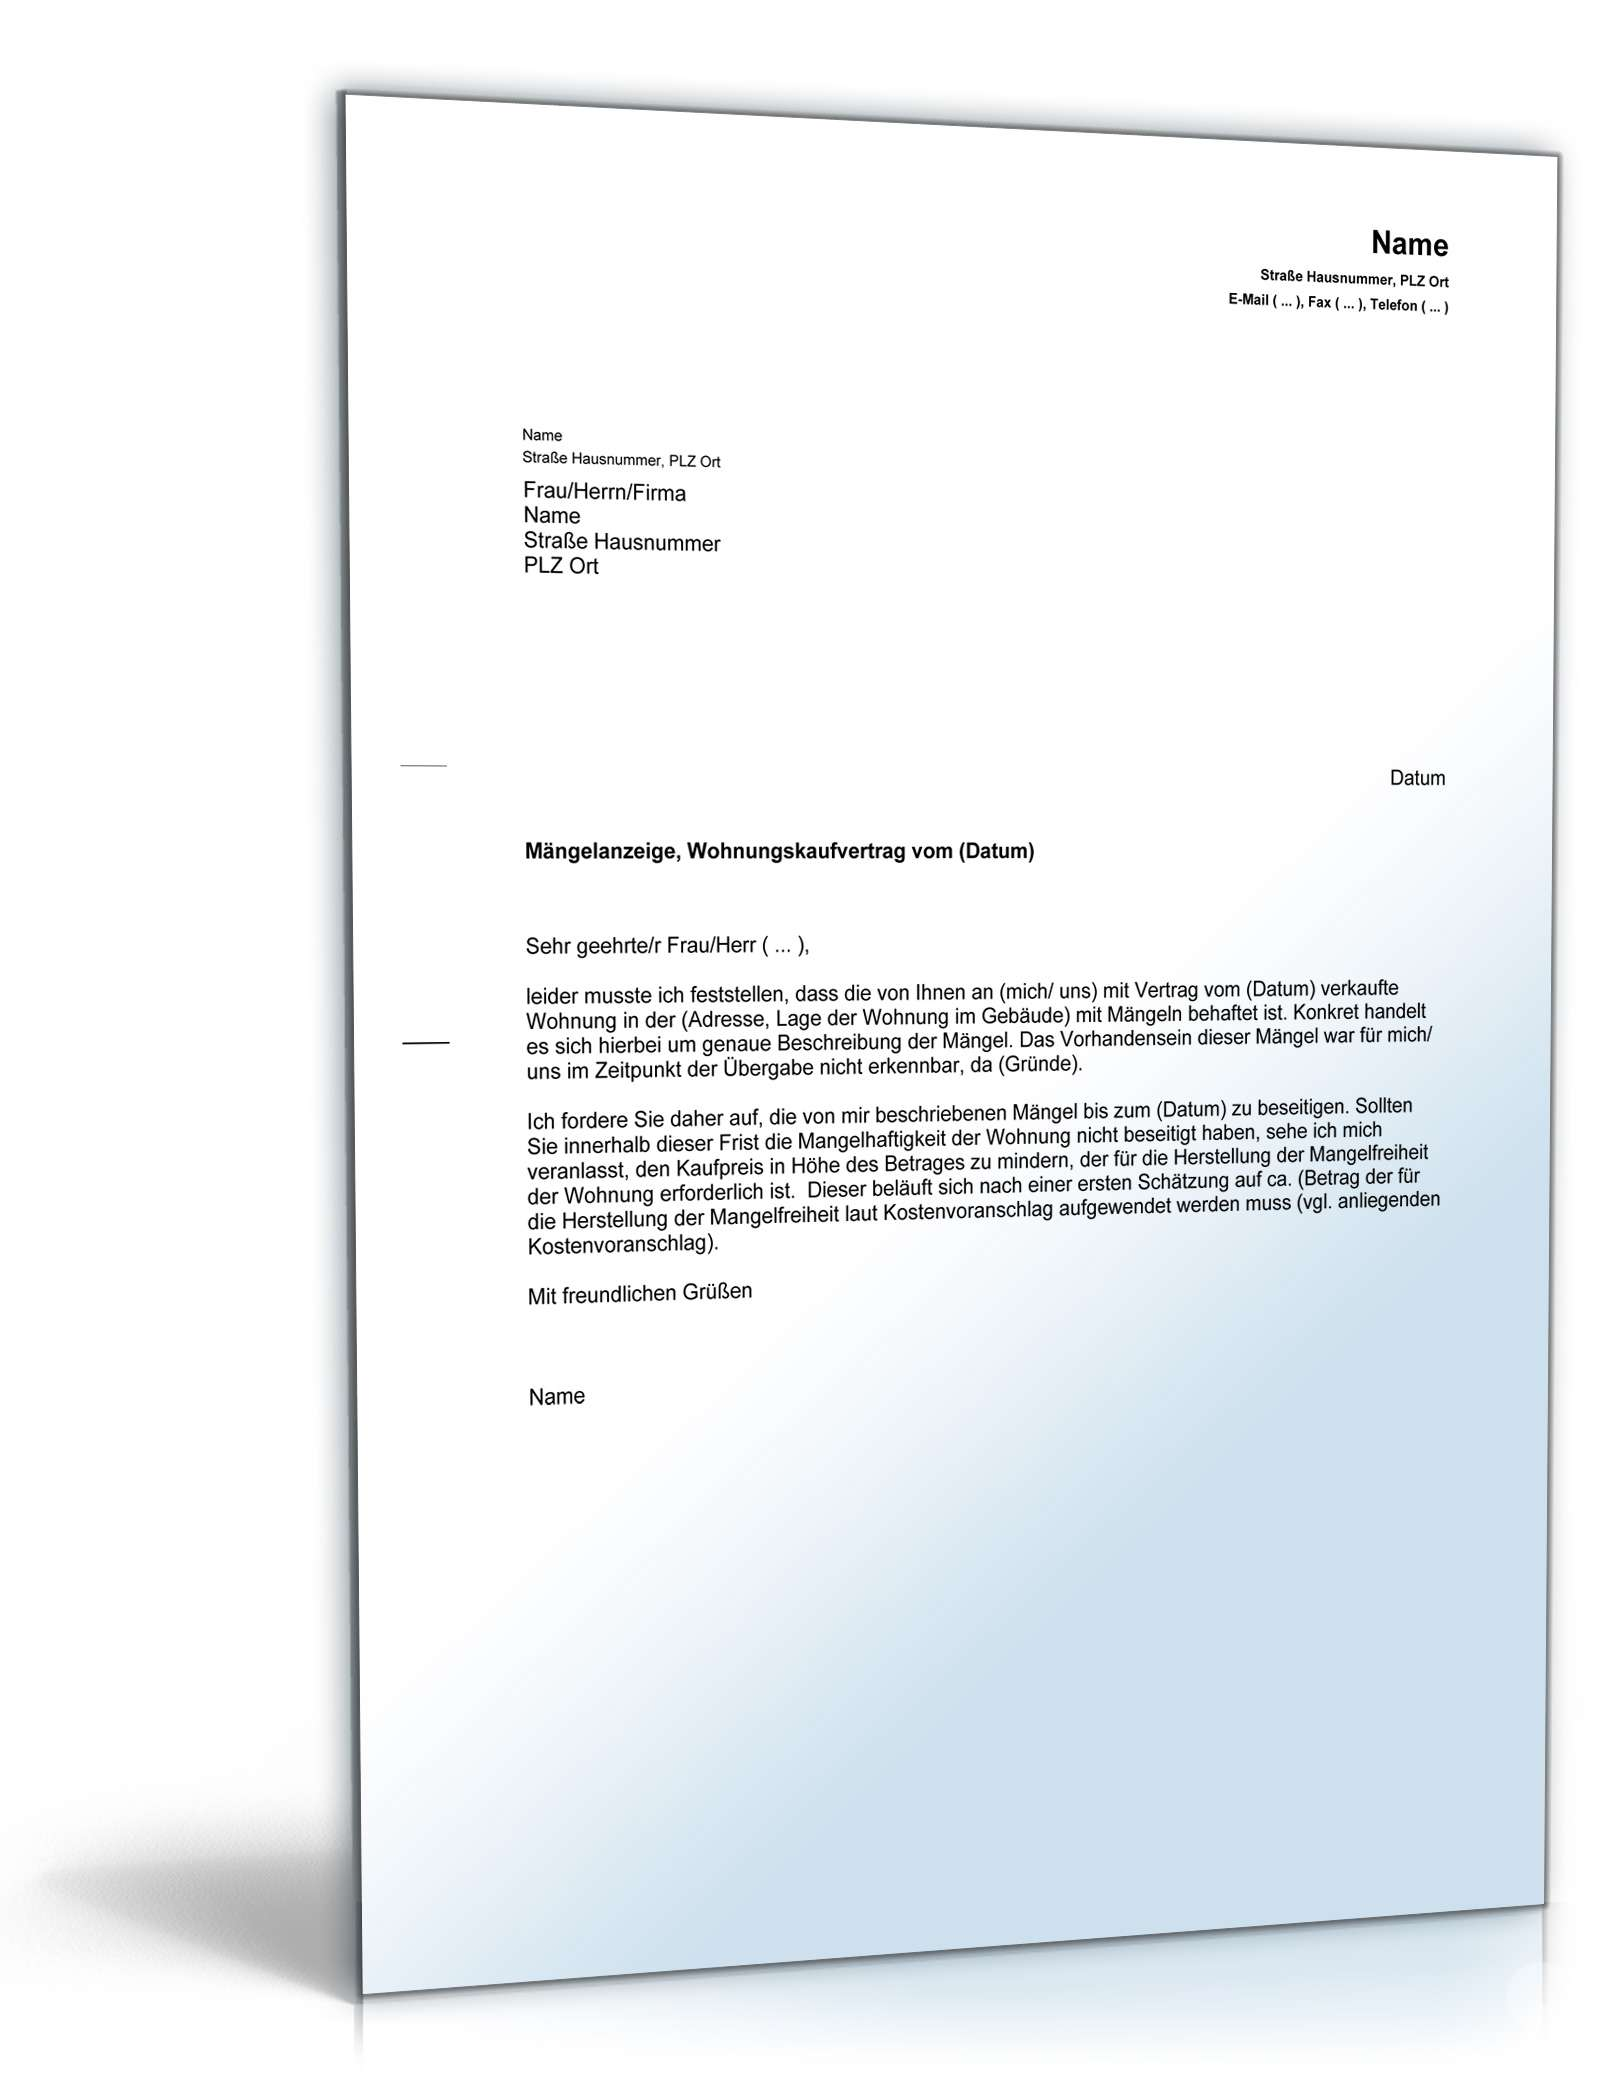 Mängelanzeige Gegenüber Verkäufer Muster Vorlage Zum Download